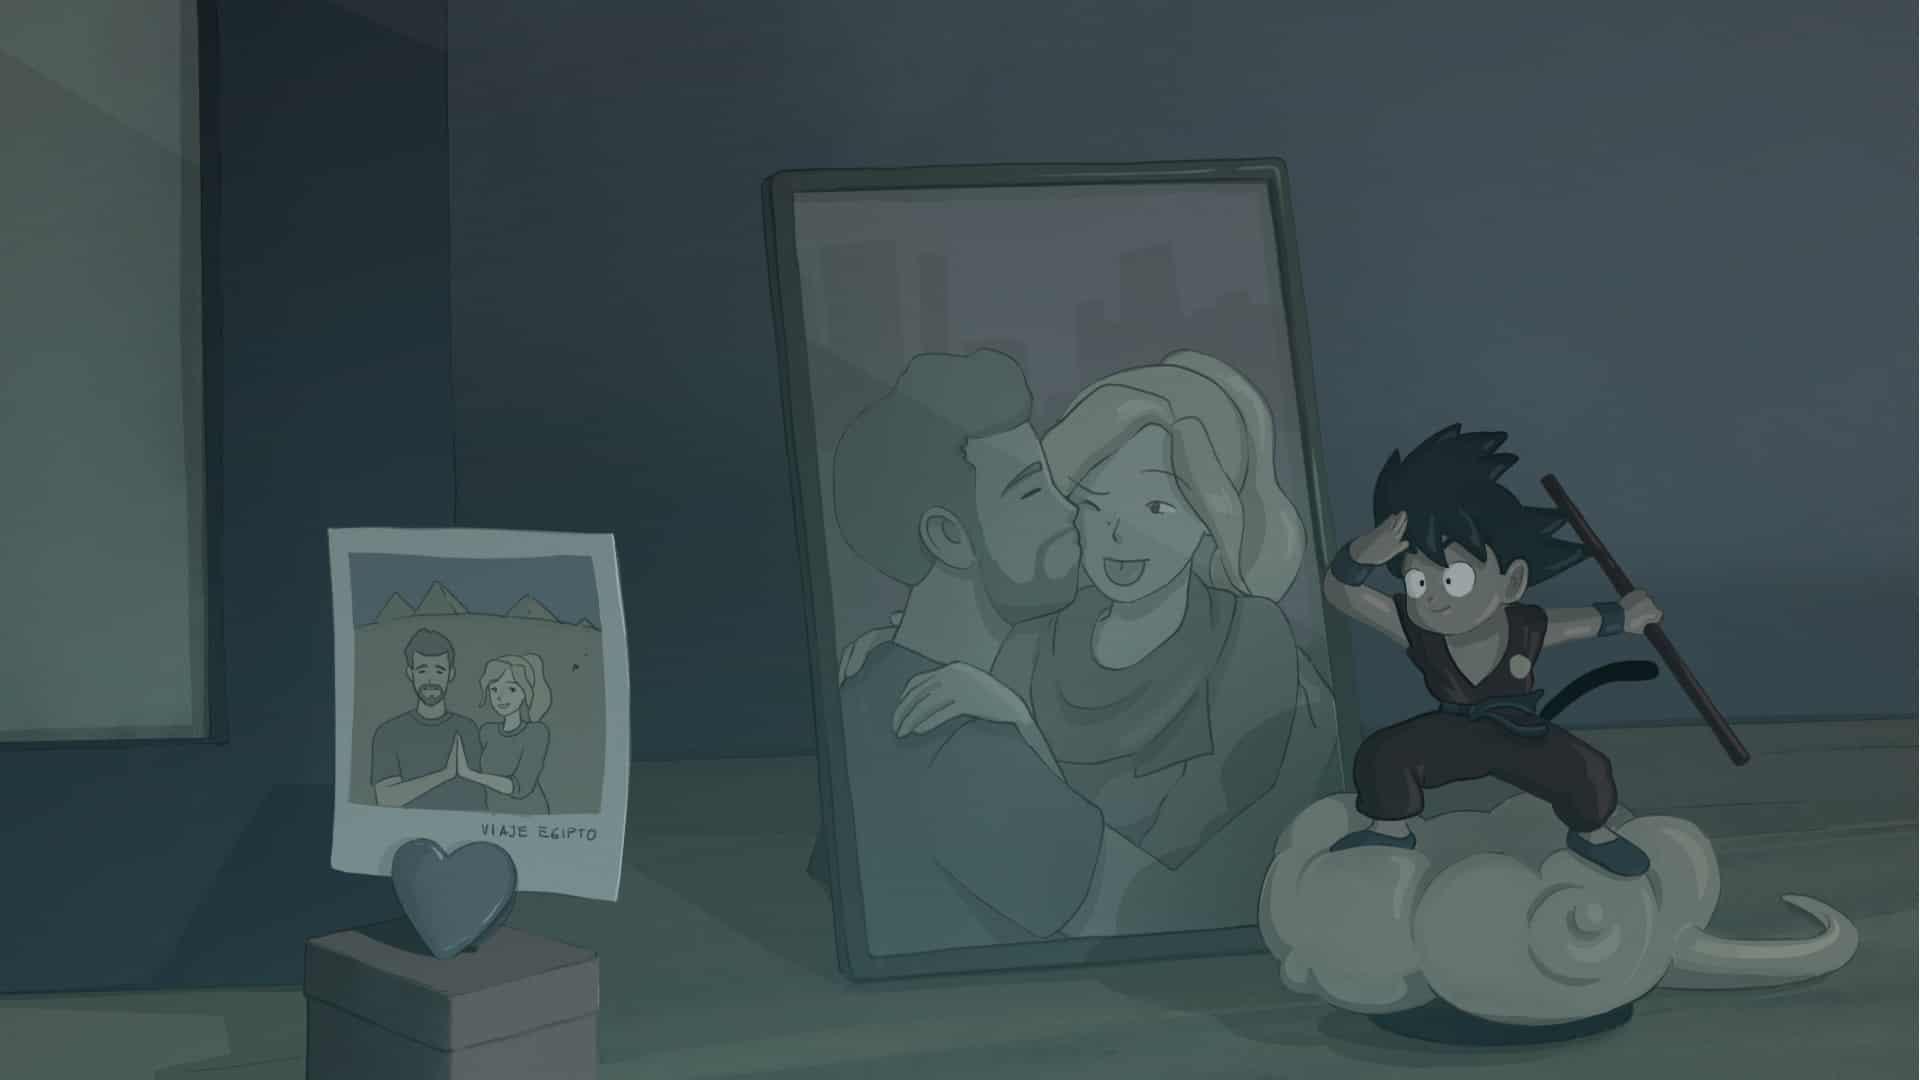 Background para cortometraje de animación 2d